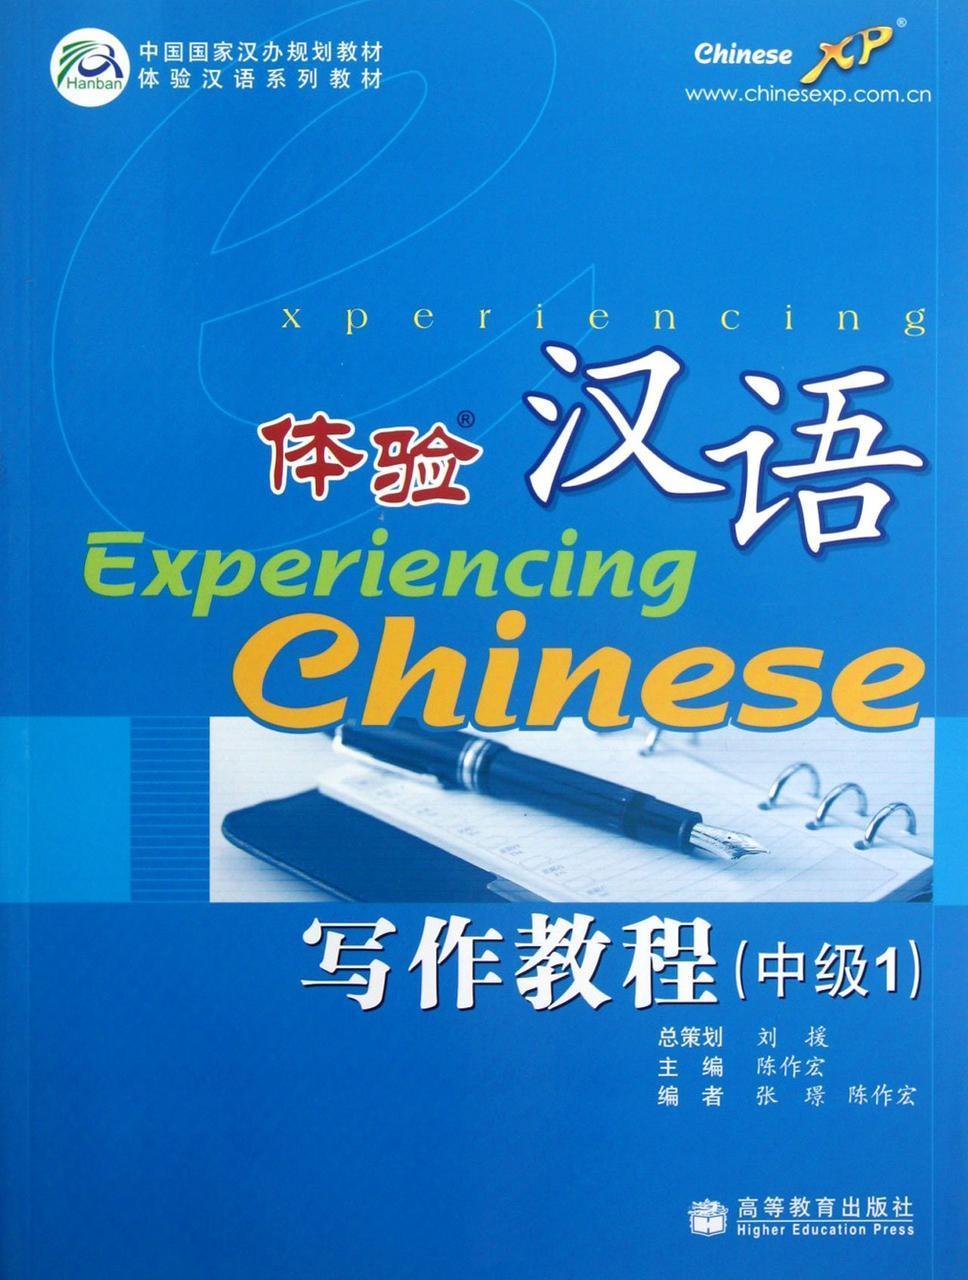 Познать китайский: курс письменного языка. Средний уровень. Часть 1